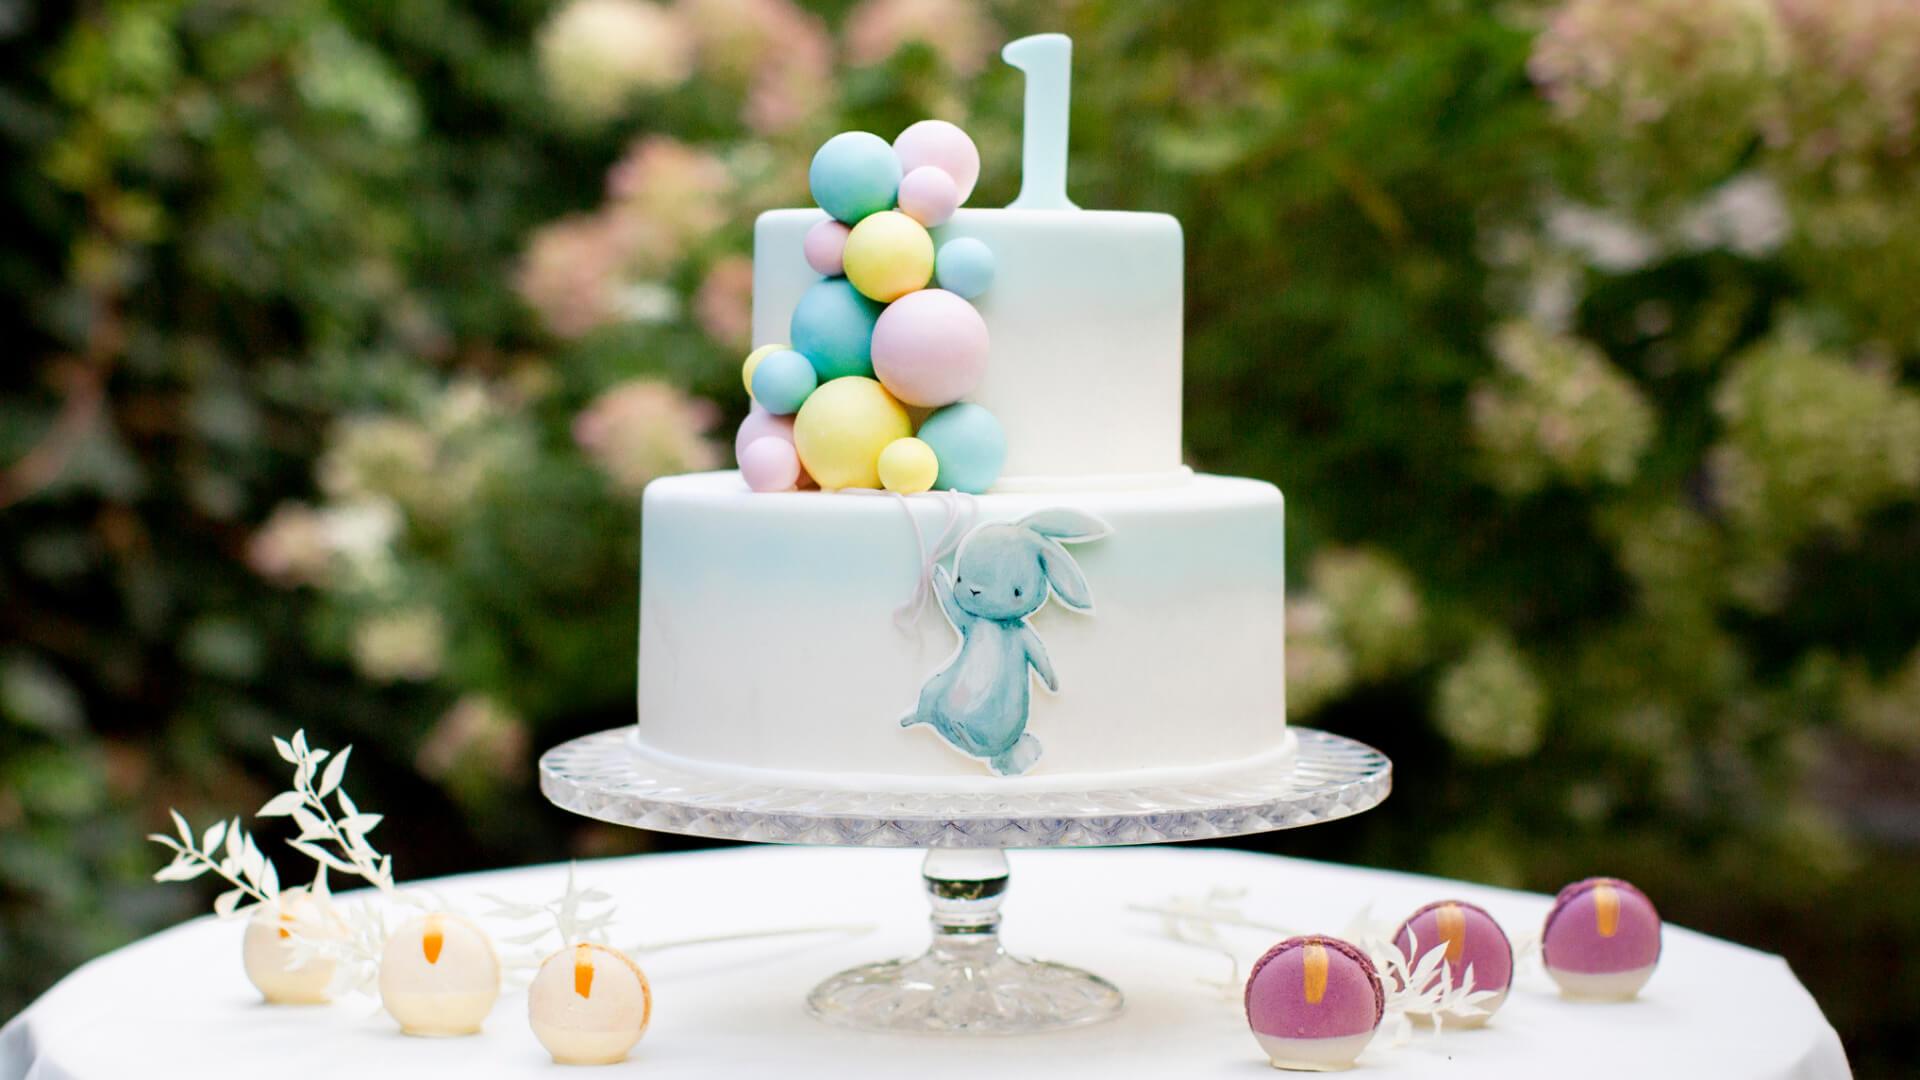 Sto lat, córeczko! Poznaj 3 sprawdzone inspiracje na tort urodzinowy dla dziewczynki